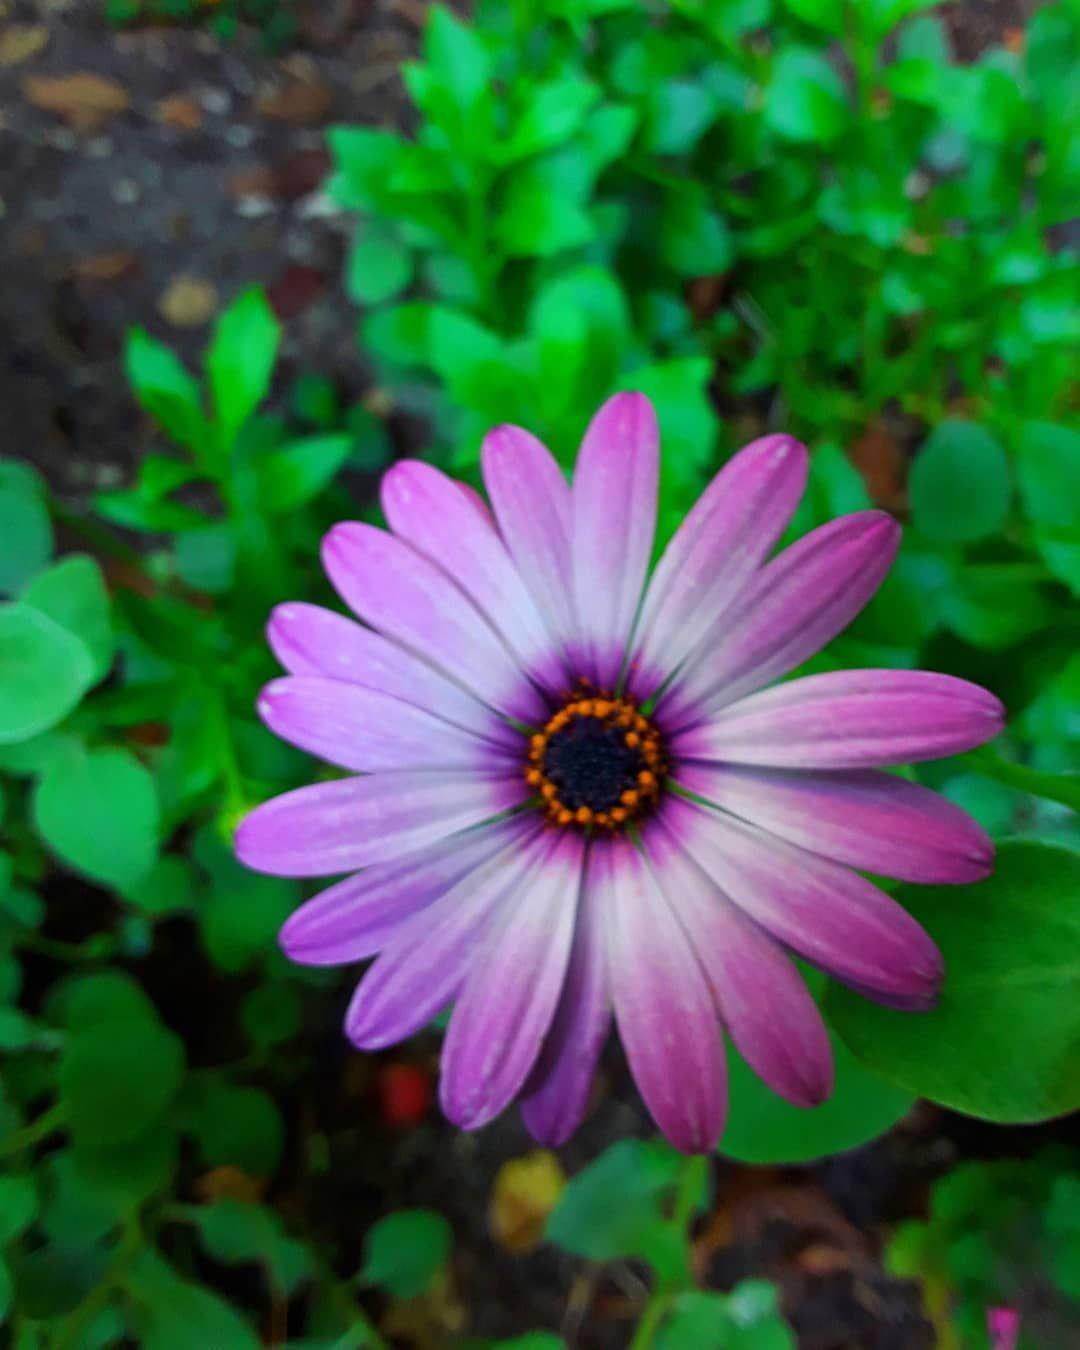 Jesienne Kwiaty W Ogrodzie Ogrodjoli Mojogrod Mojogrod Garden Gardenlovers Gardenlife Gardentime Warszawa Warsaw Ursynow Naursynowie Plants Garden